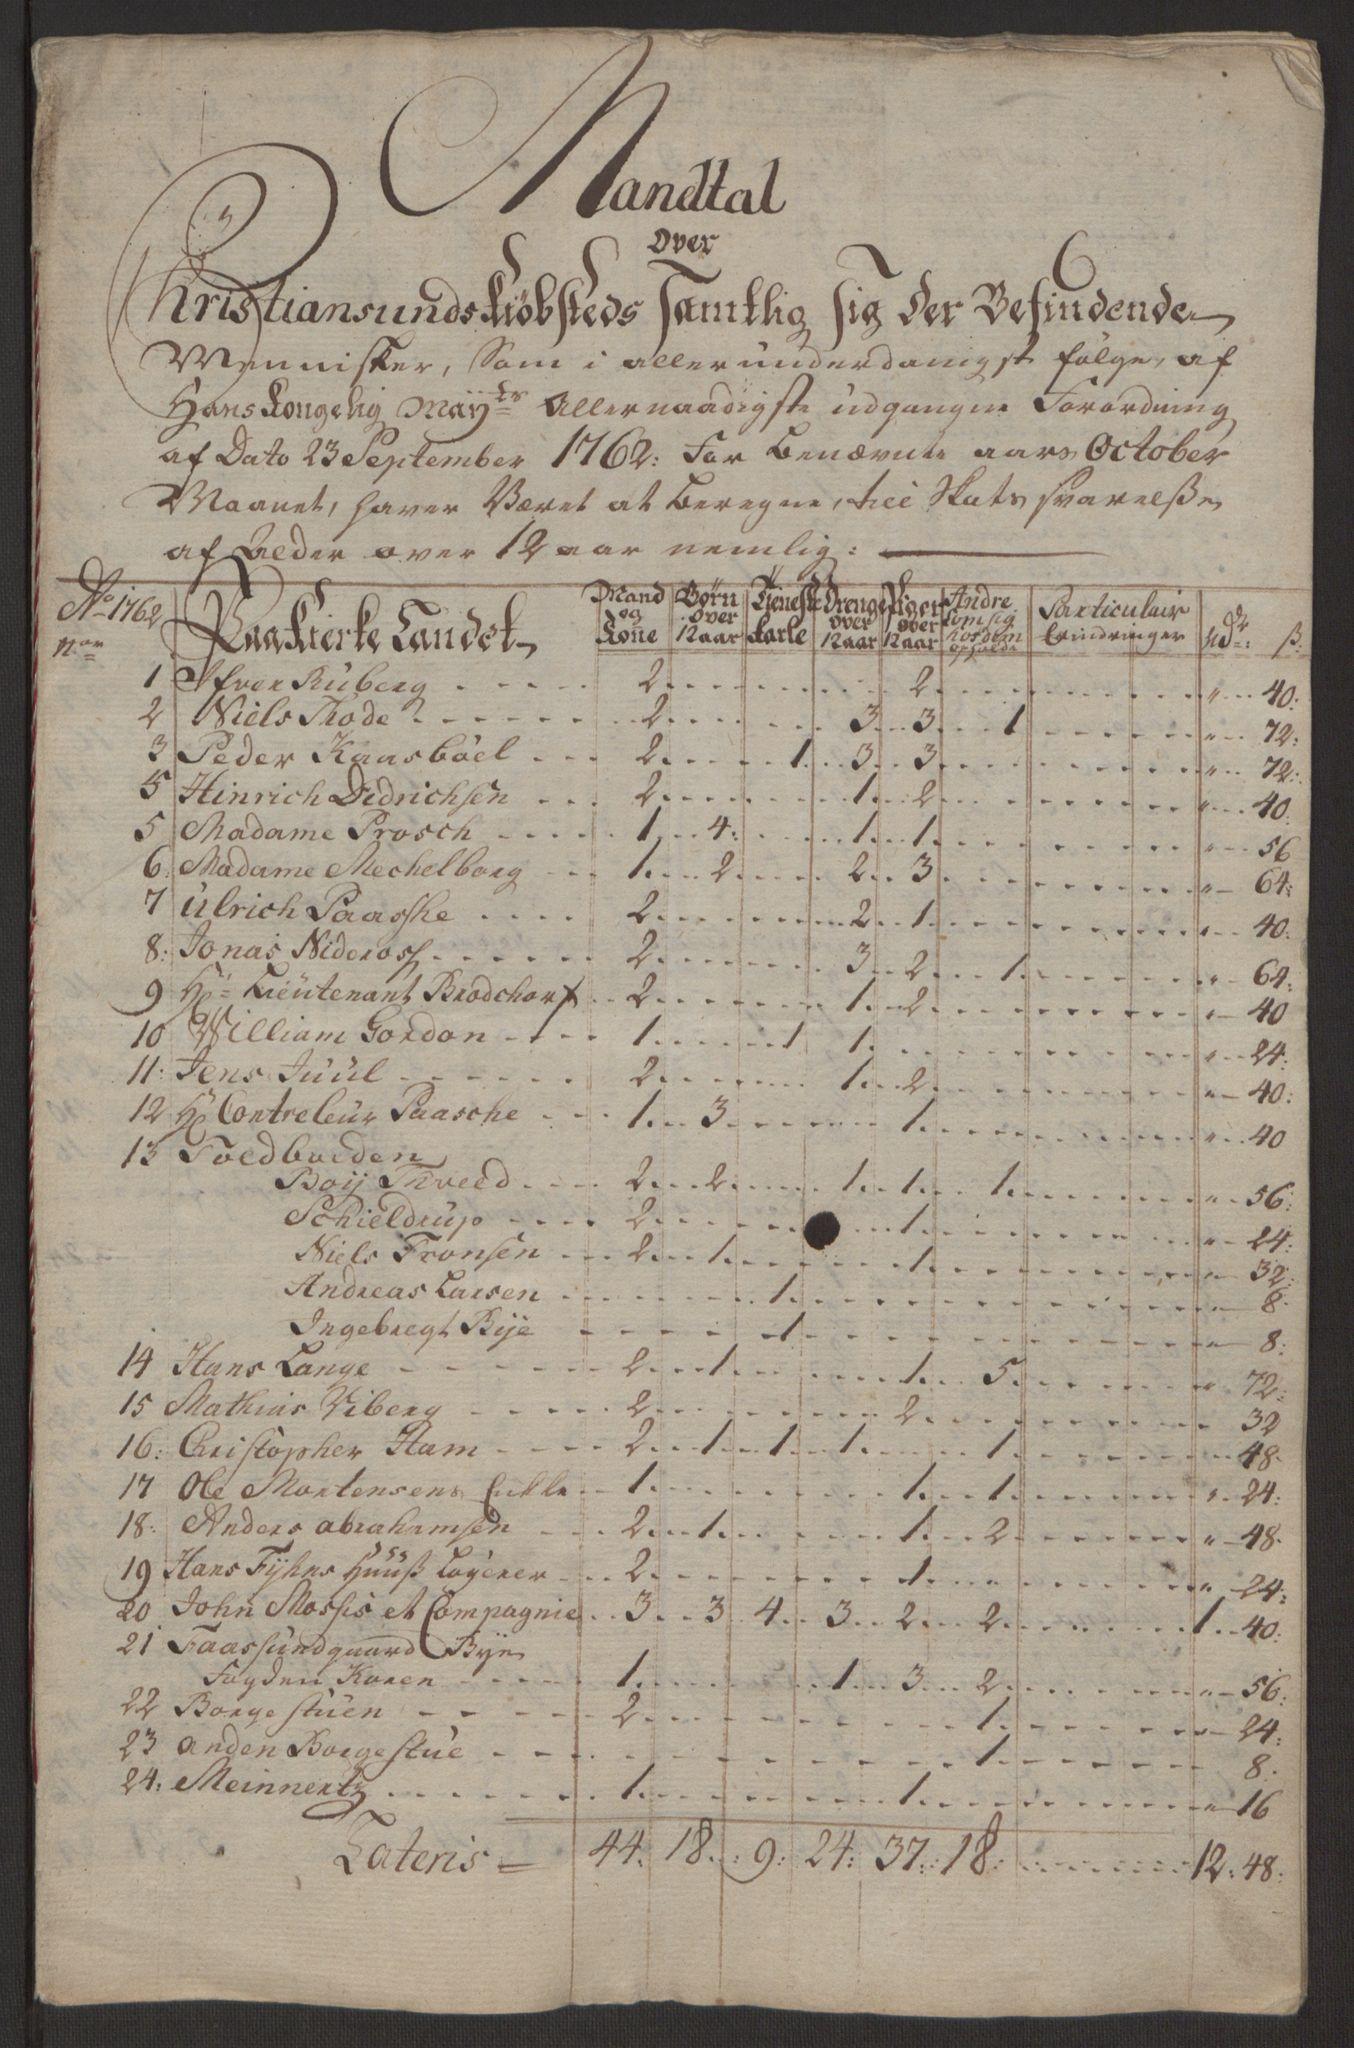 RA, Rentekammeret inntil 1814, Reviderte regnskaper, Byregnskaper, R/Rr/L0495: [R1] Kontribusjonsregnskap, 1762-1772, s. 7